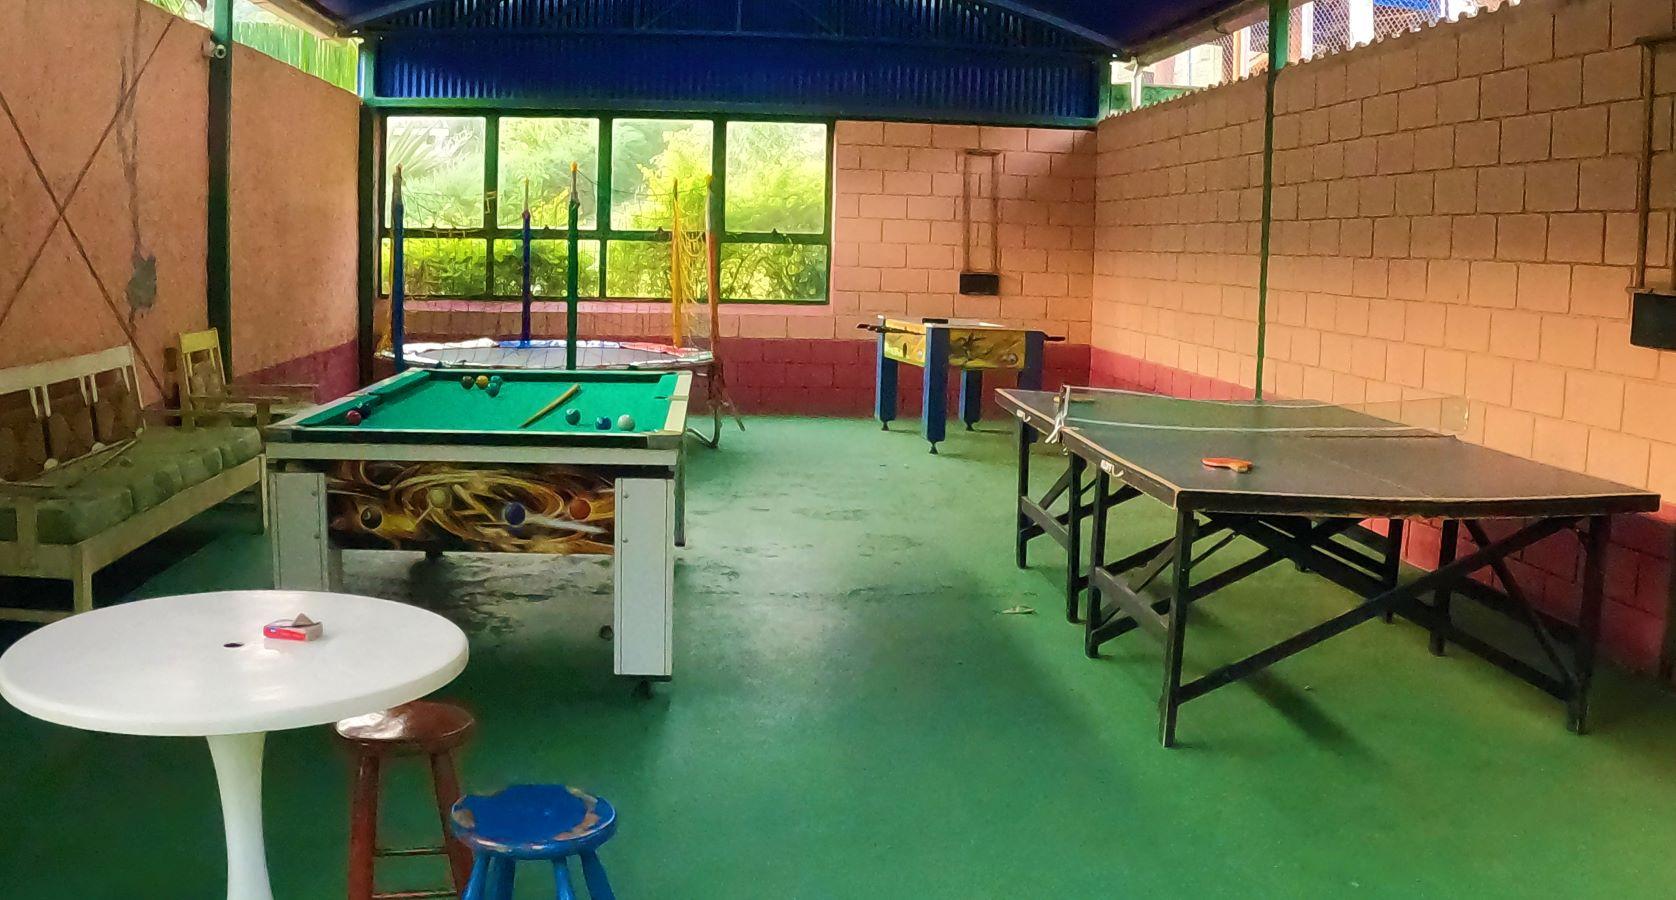 salão de jogos com sinuca, mesa de ping pong, cama elástica, baralhos